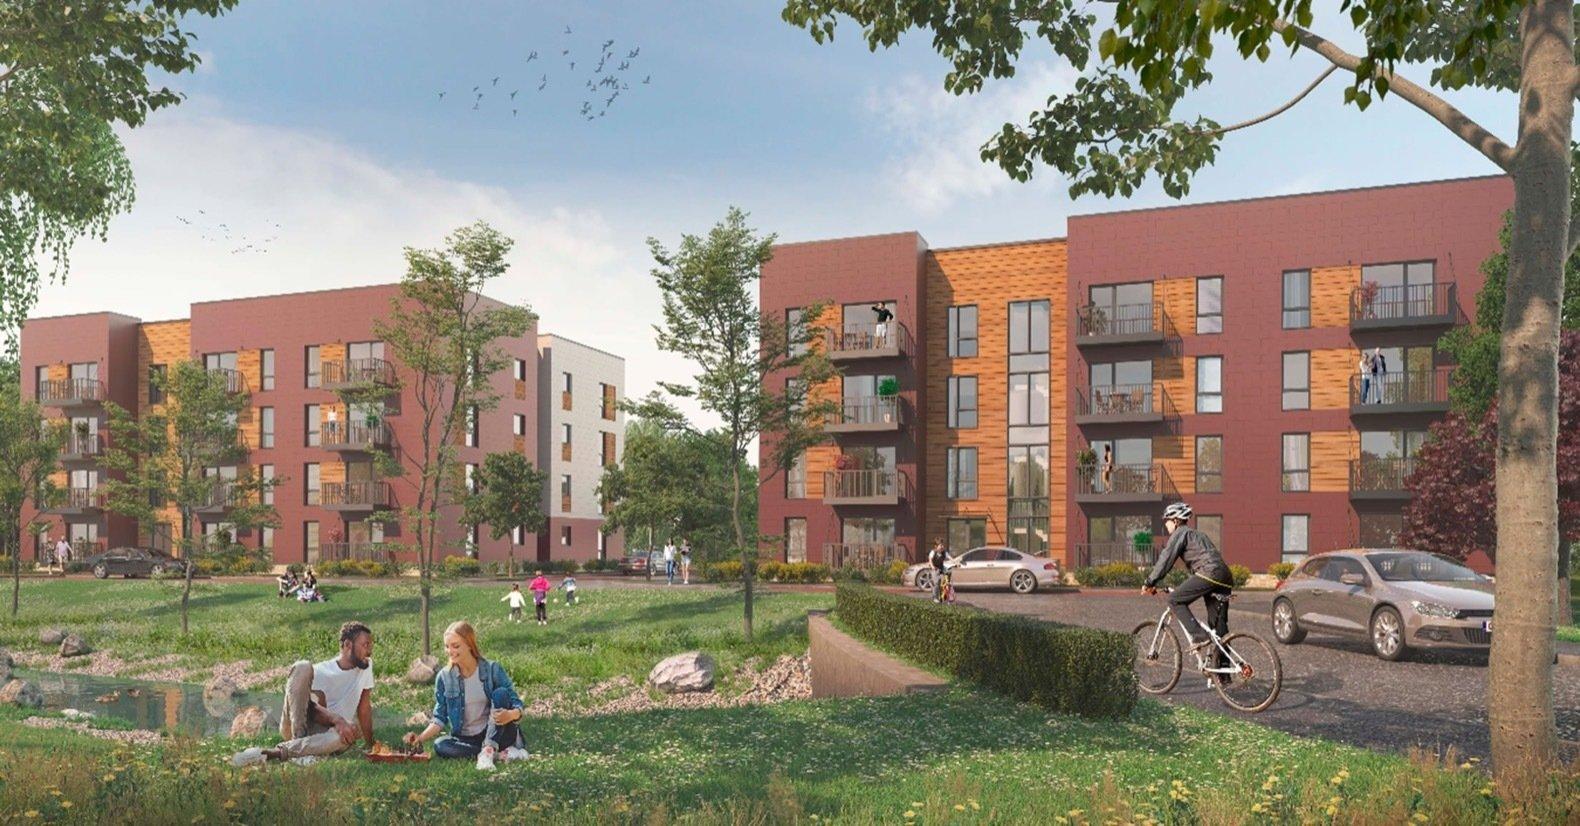 BloKlok modular housing Worthing exterior